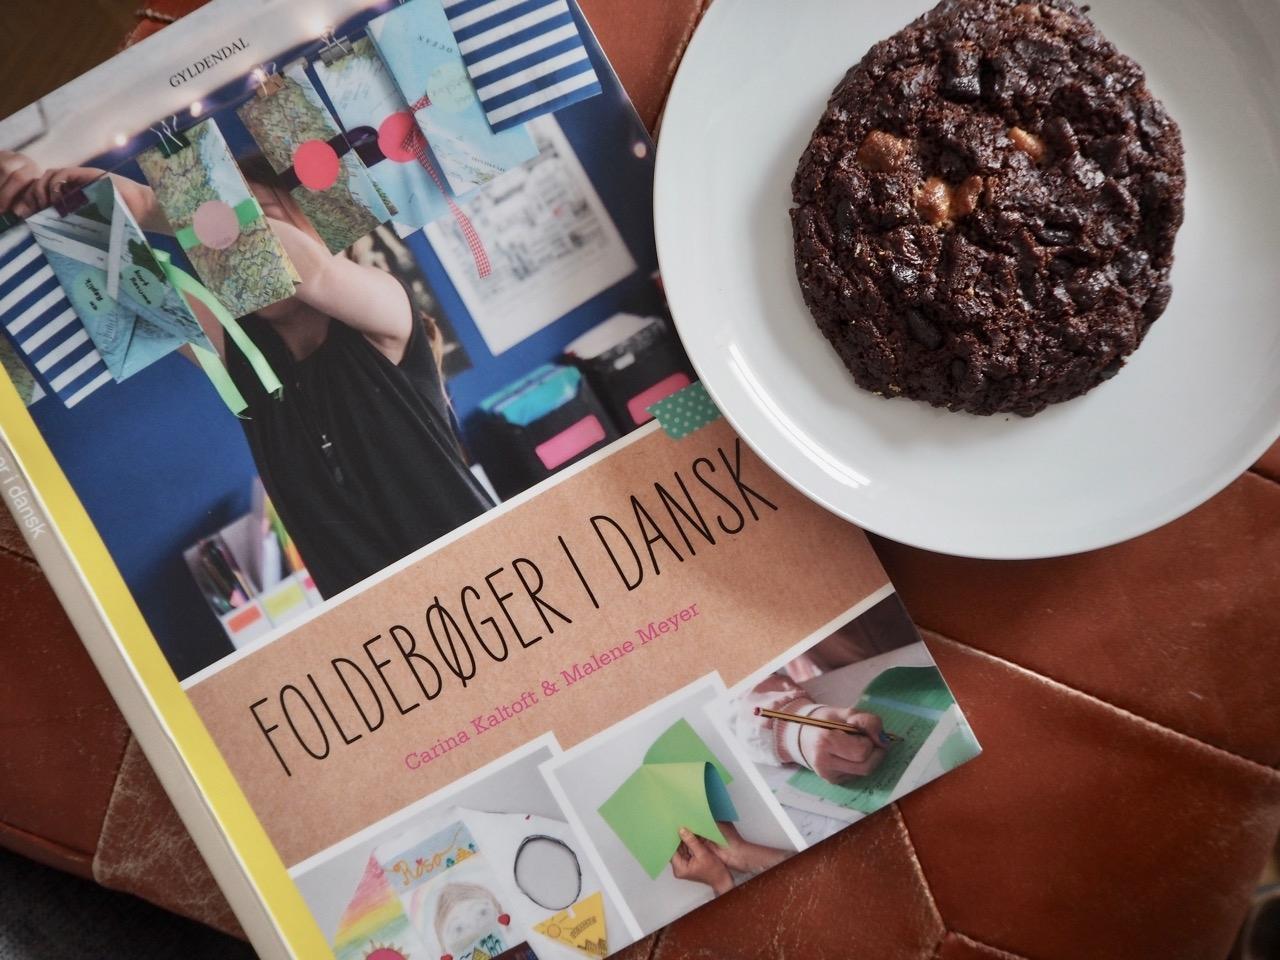 Foldeboeger_i_dansk_bog